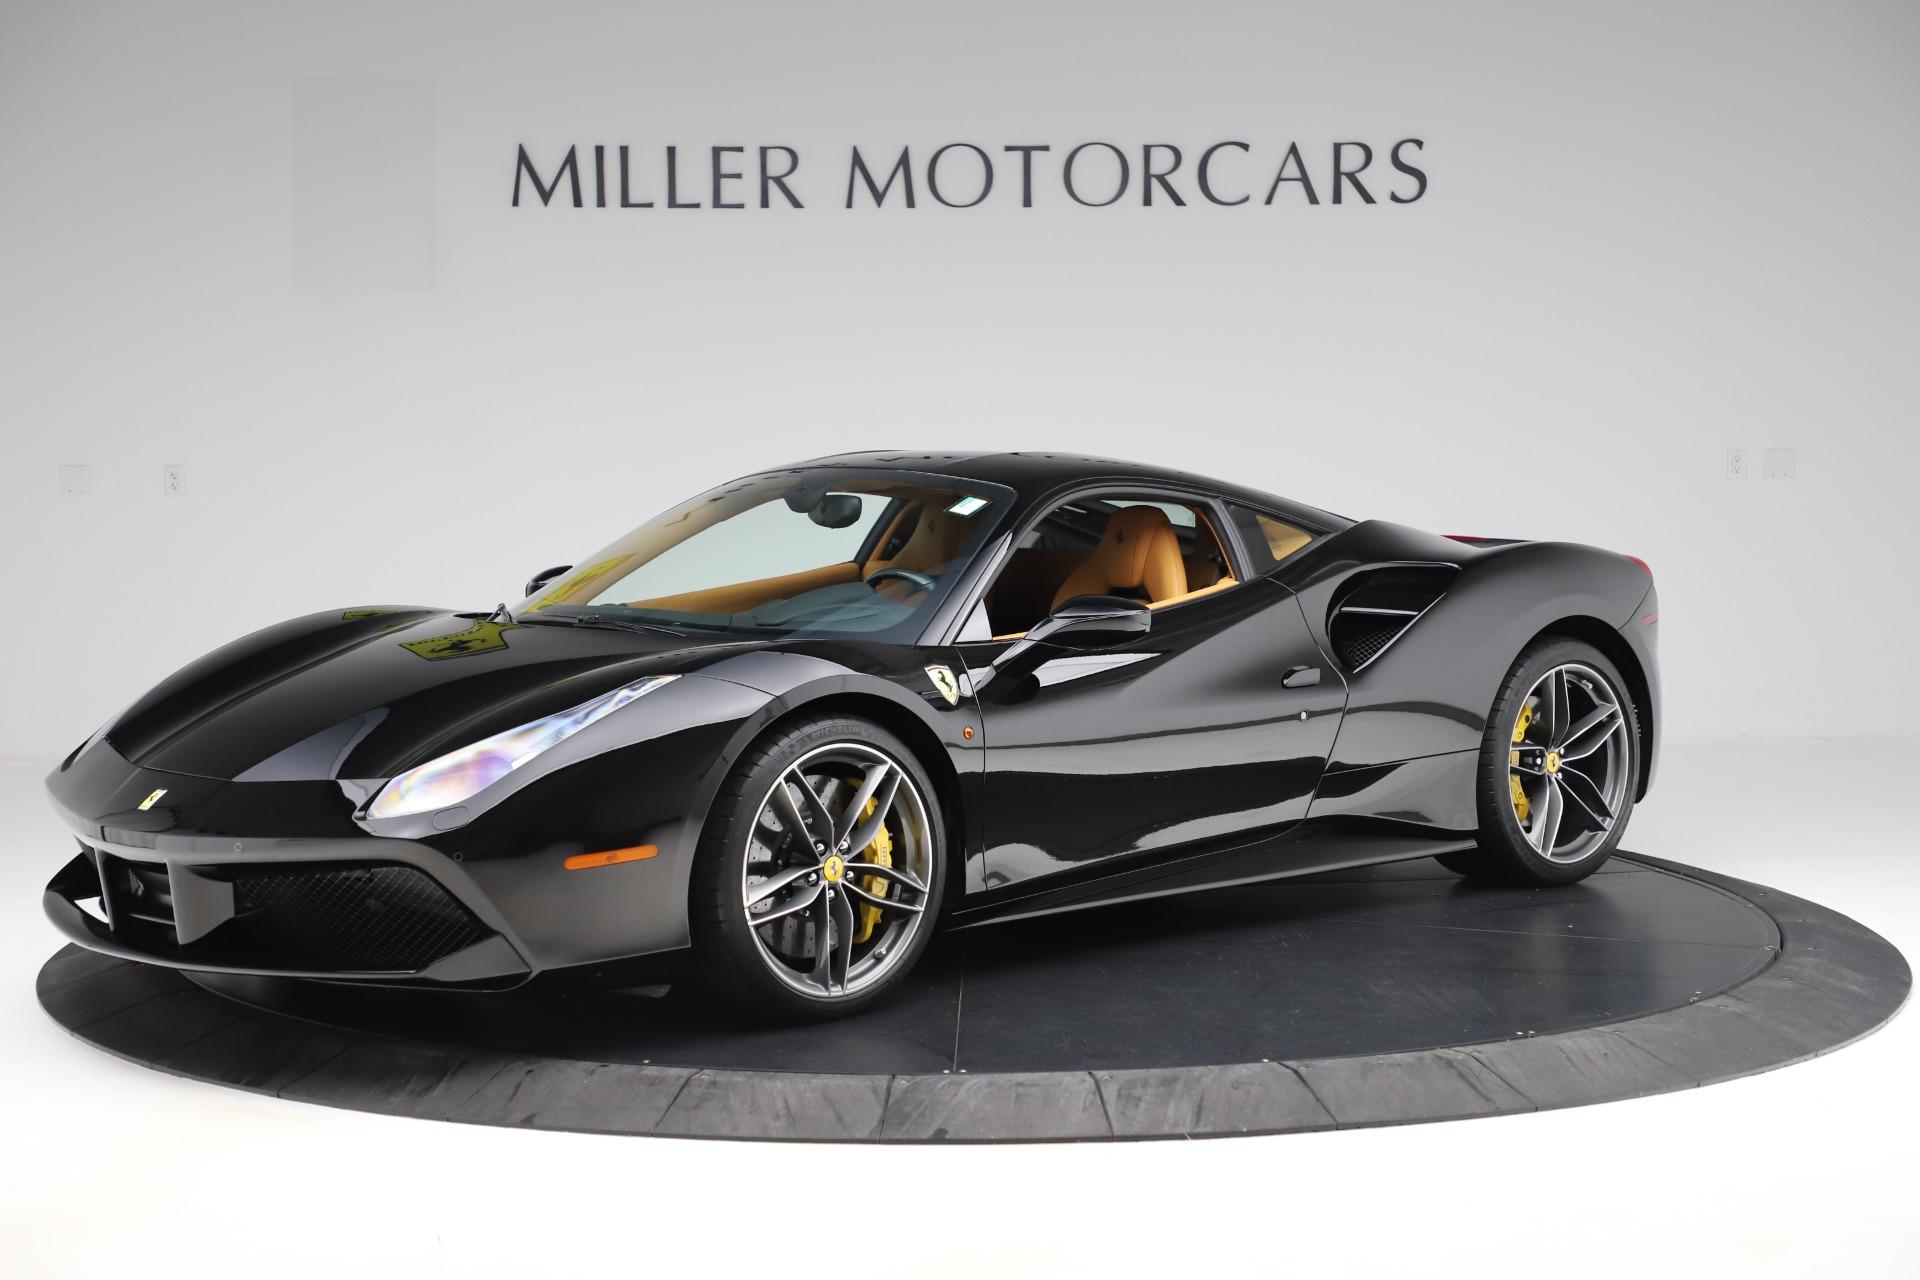 Pre Owned 2017 Ferrari 488 Gtb Base For Sale 236 900 Miller Motorcars Stock 4568a